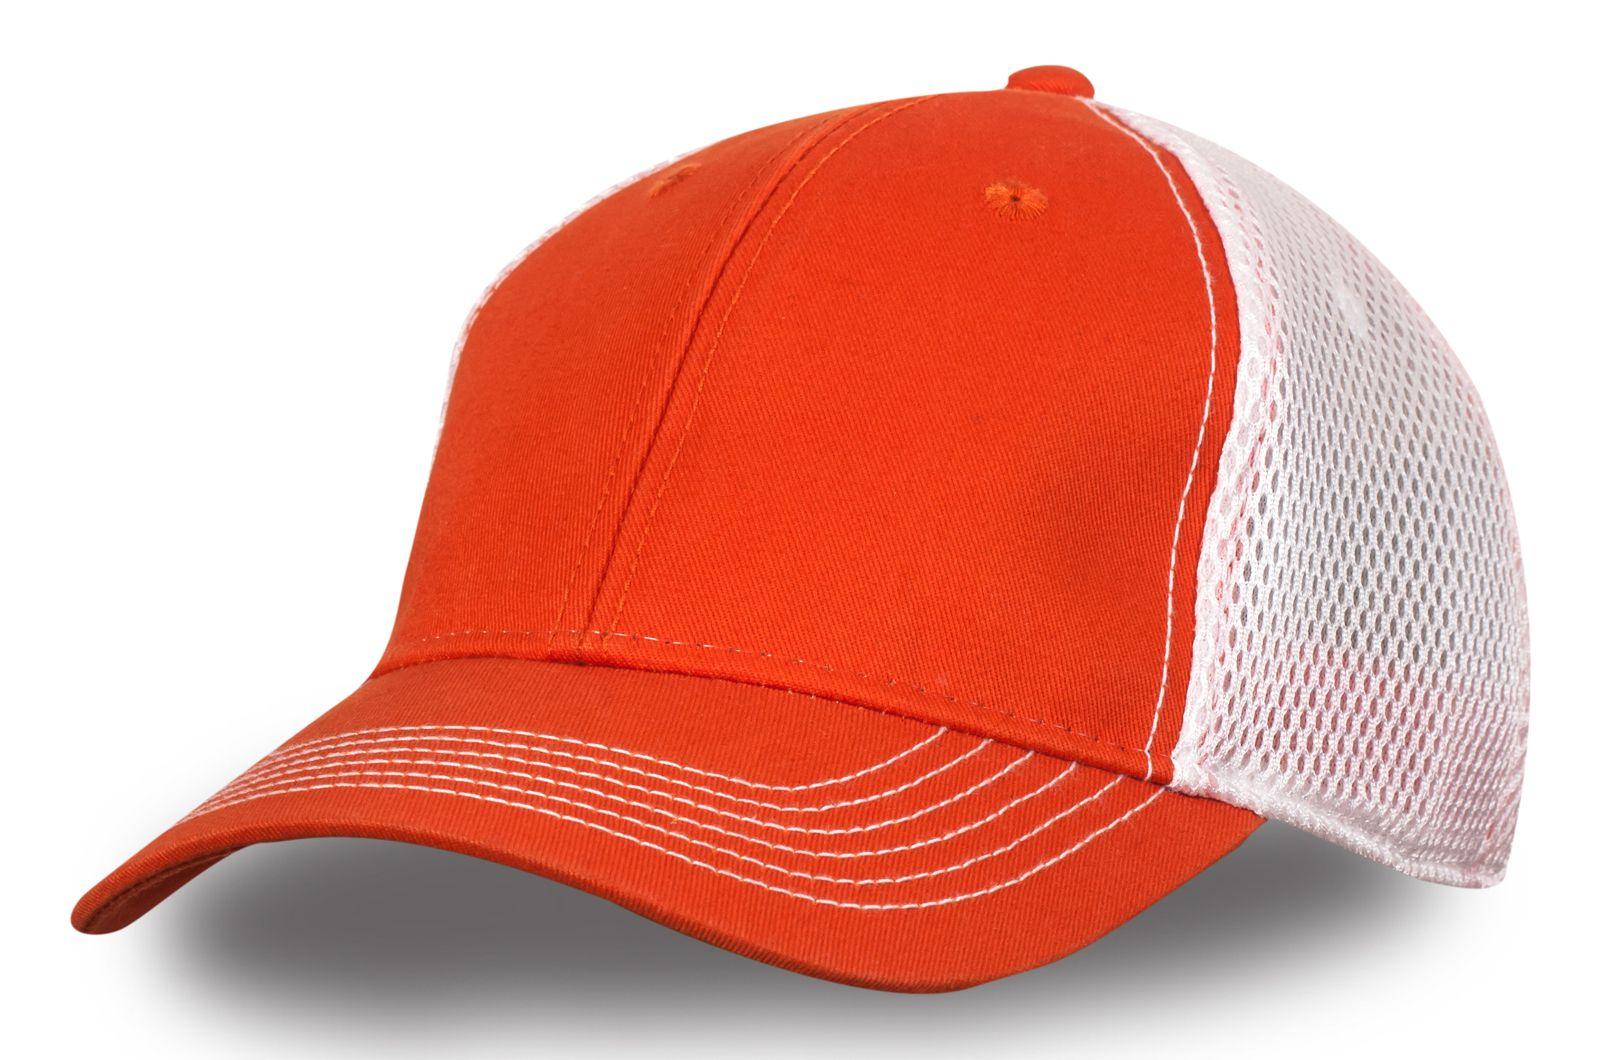 Бейсболка оранжевая с белой сеткой - купить по лучшей цене